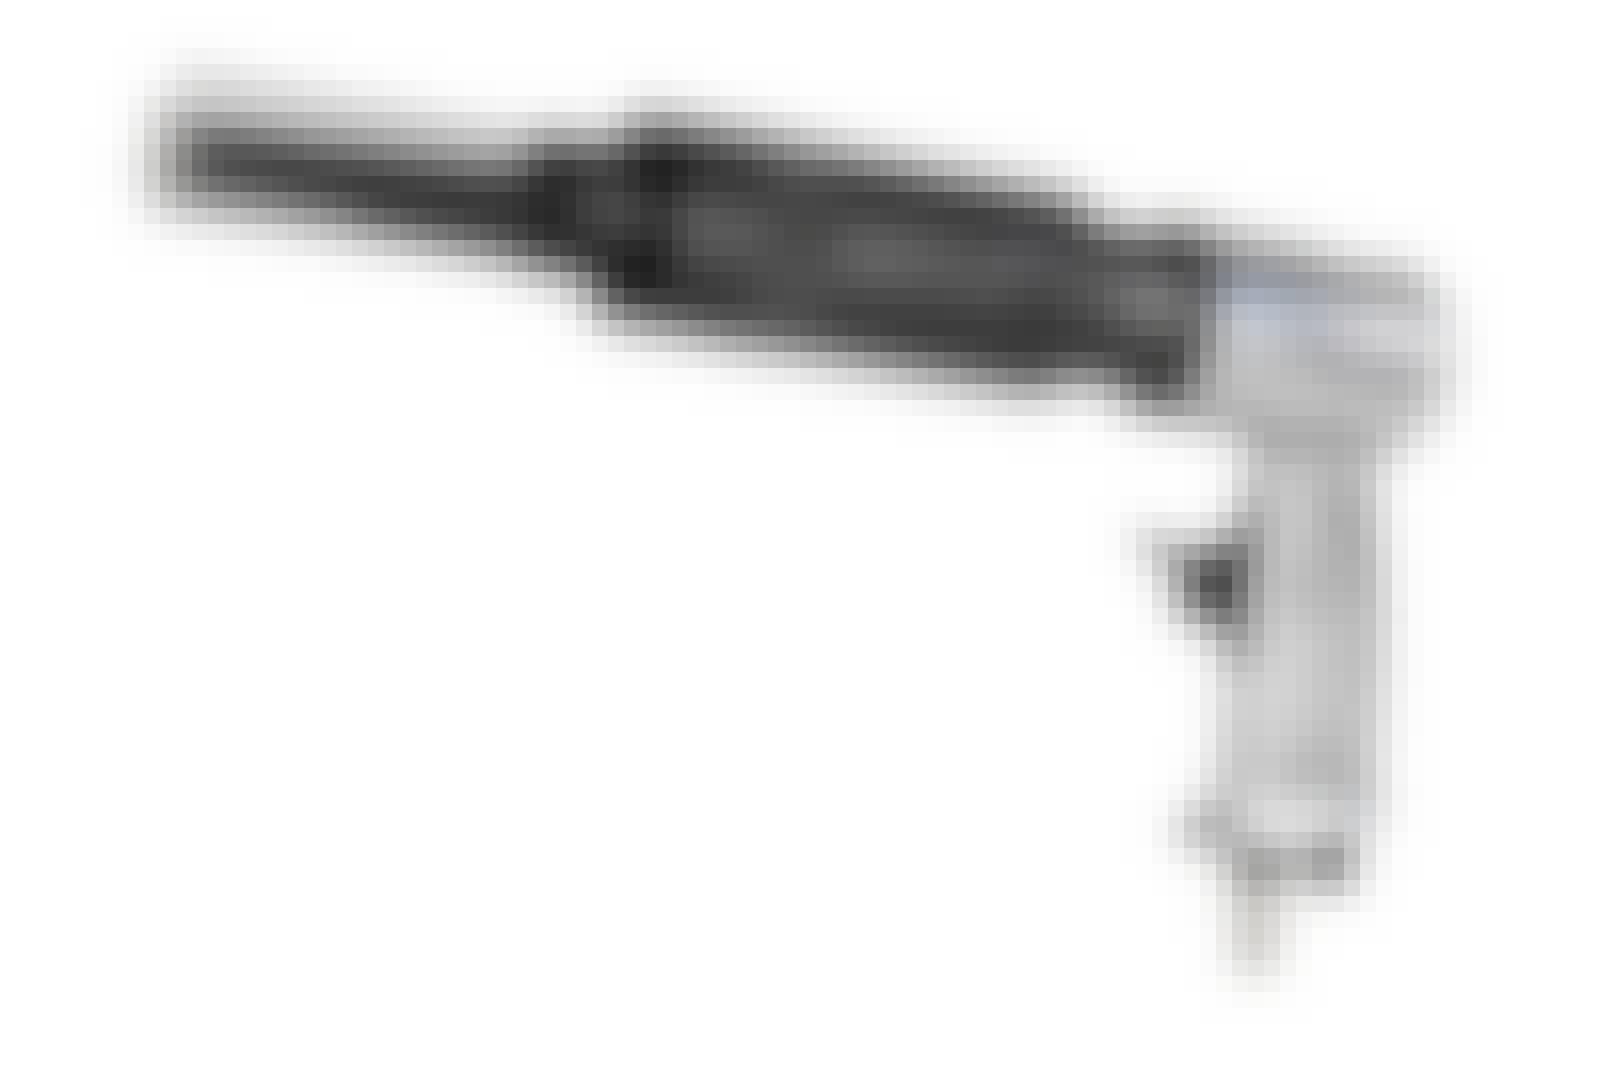 Lufttrycksverktygen: Slå bort rost och färg med nålhammare